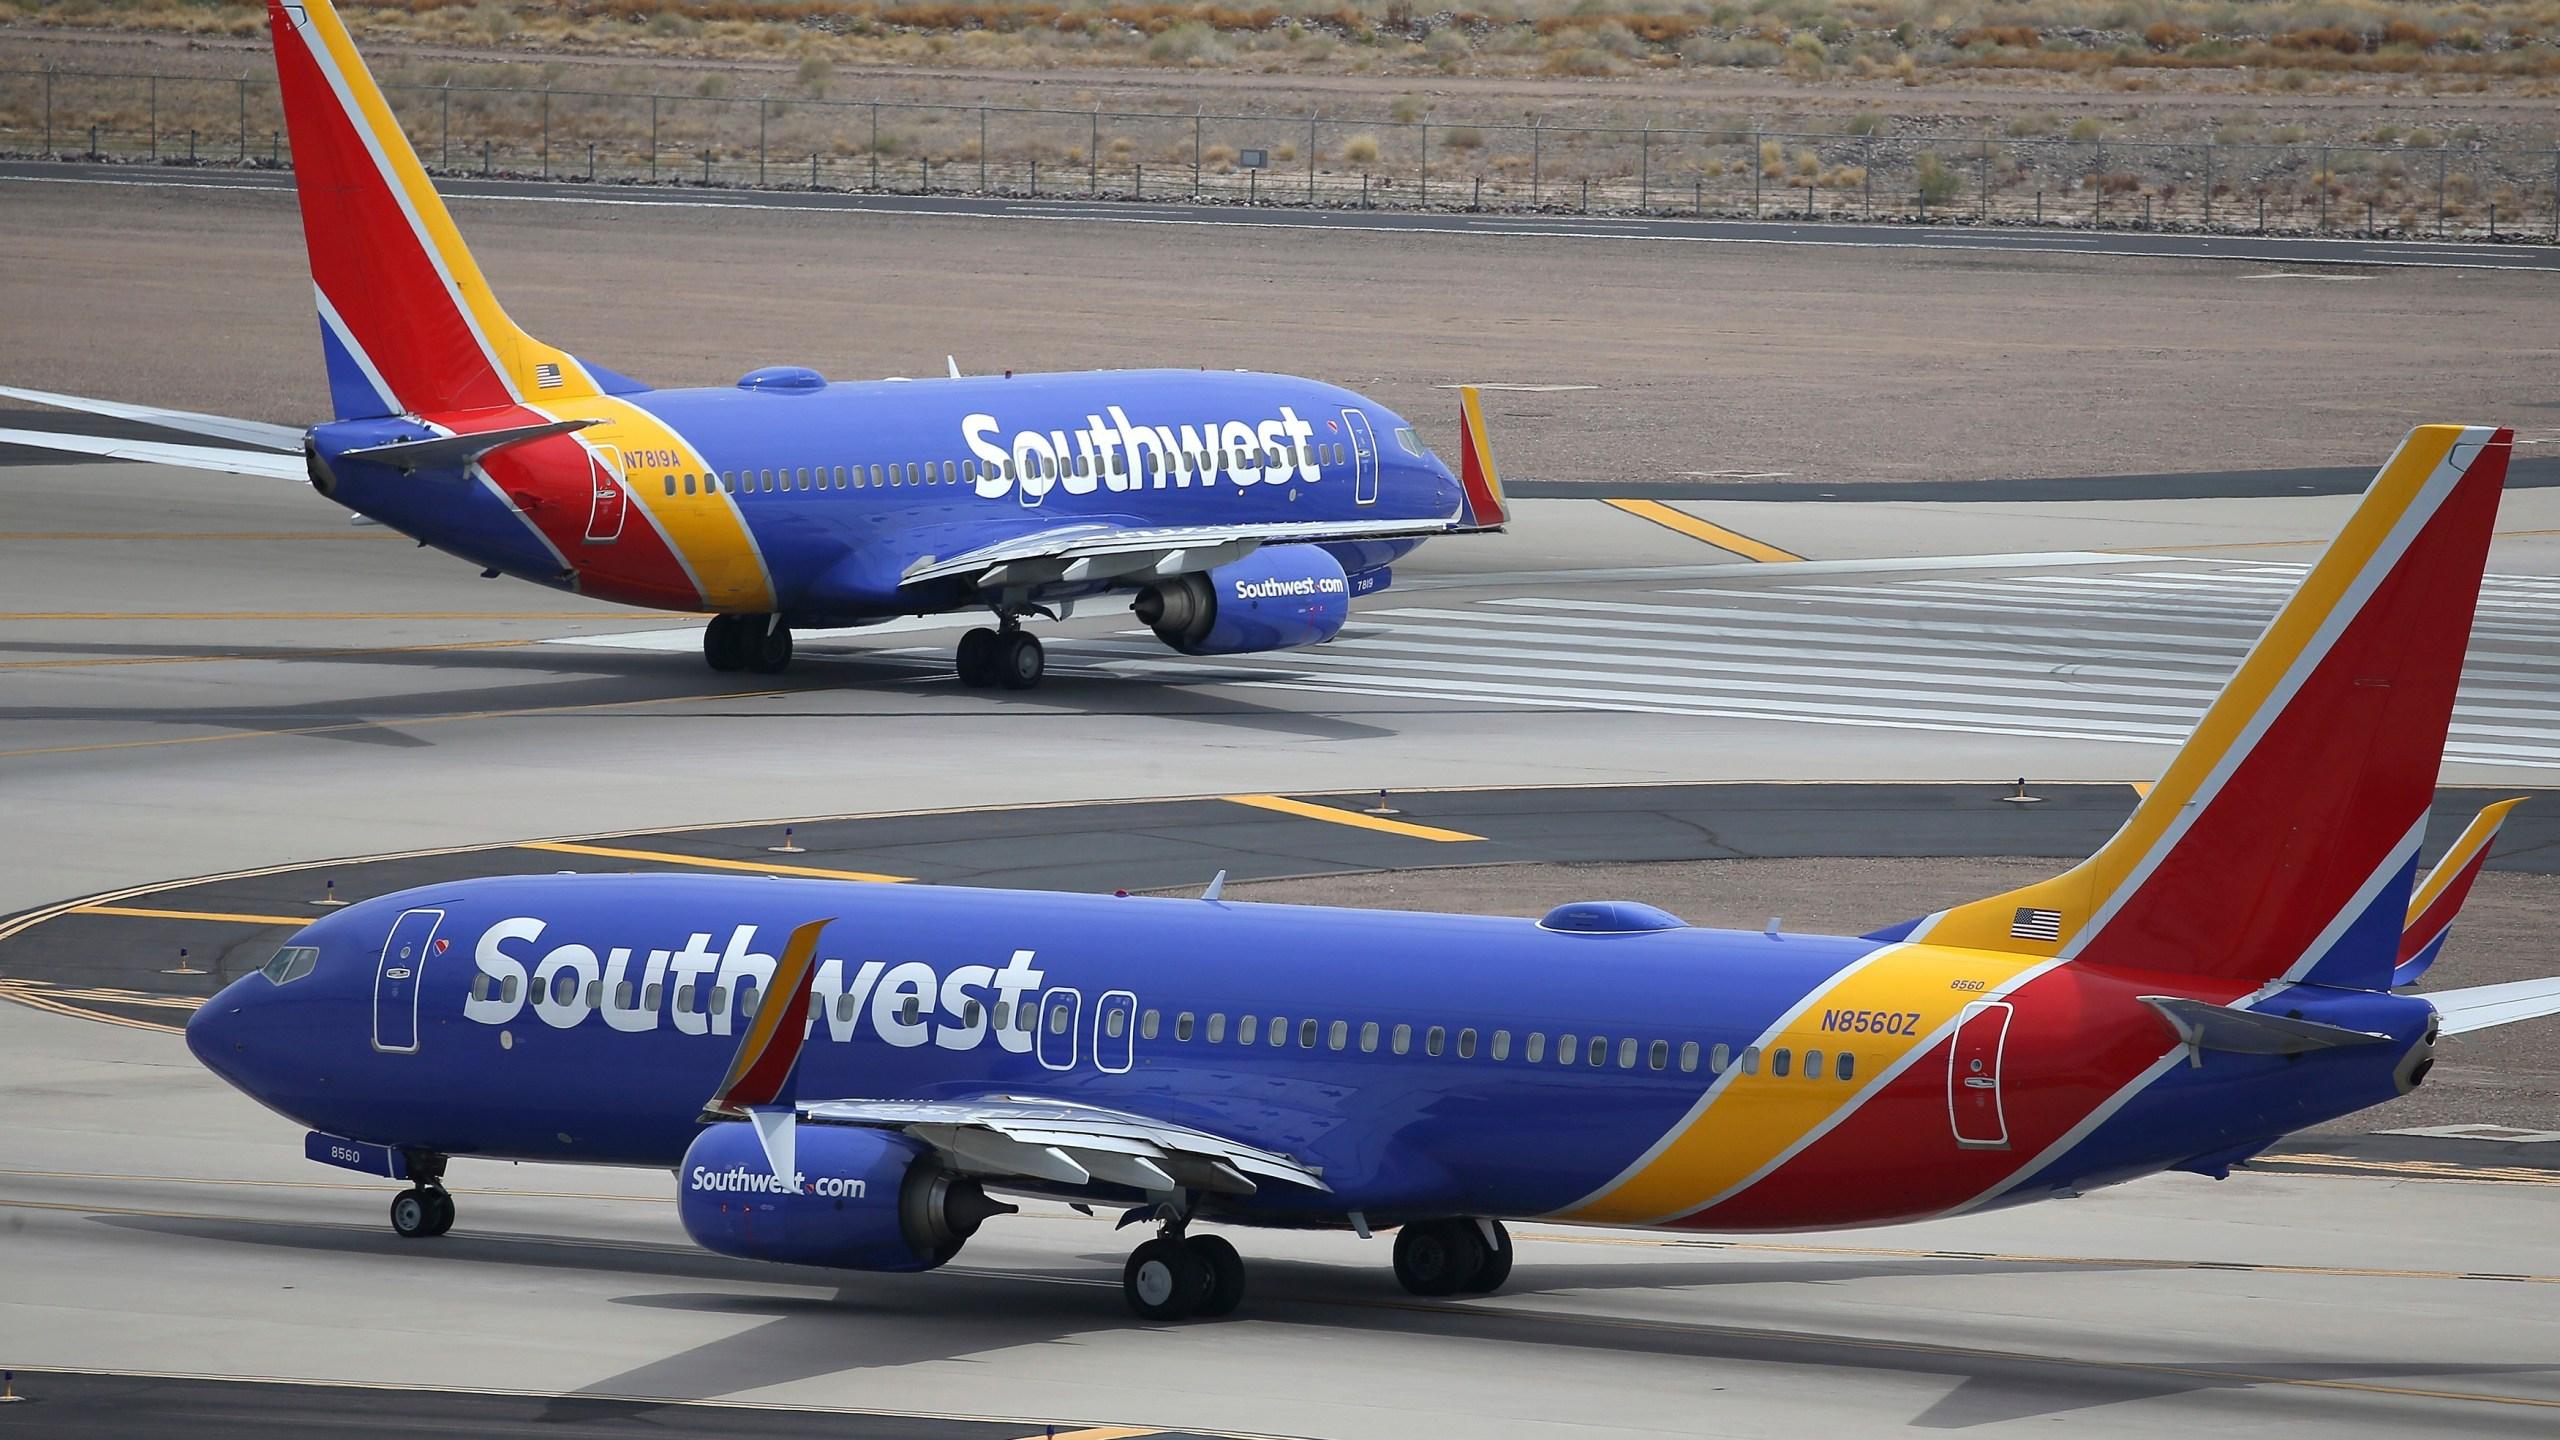 Southwest Pilot Accused Of Indecent Exposure During Flight